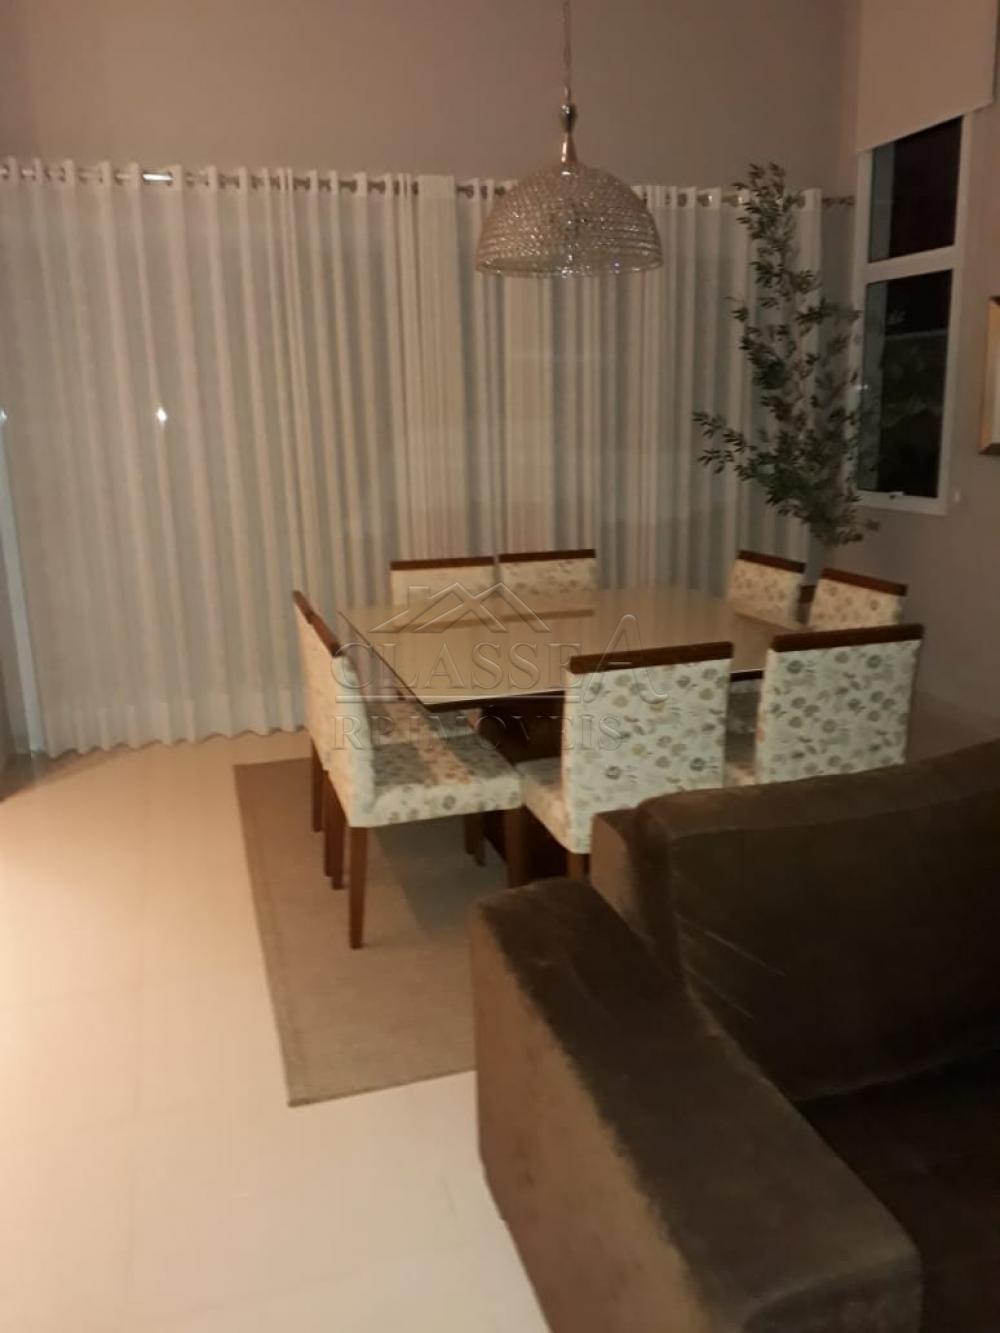 Comprar Casa / Condomínio - térrea em Ribeirão Preto R$ 1.250.000,00 - Foto 9